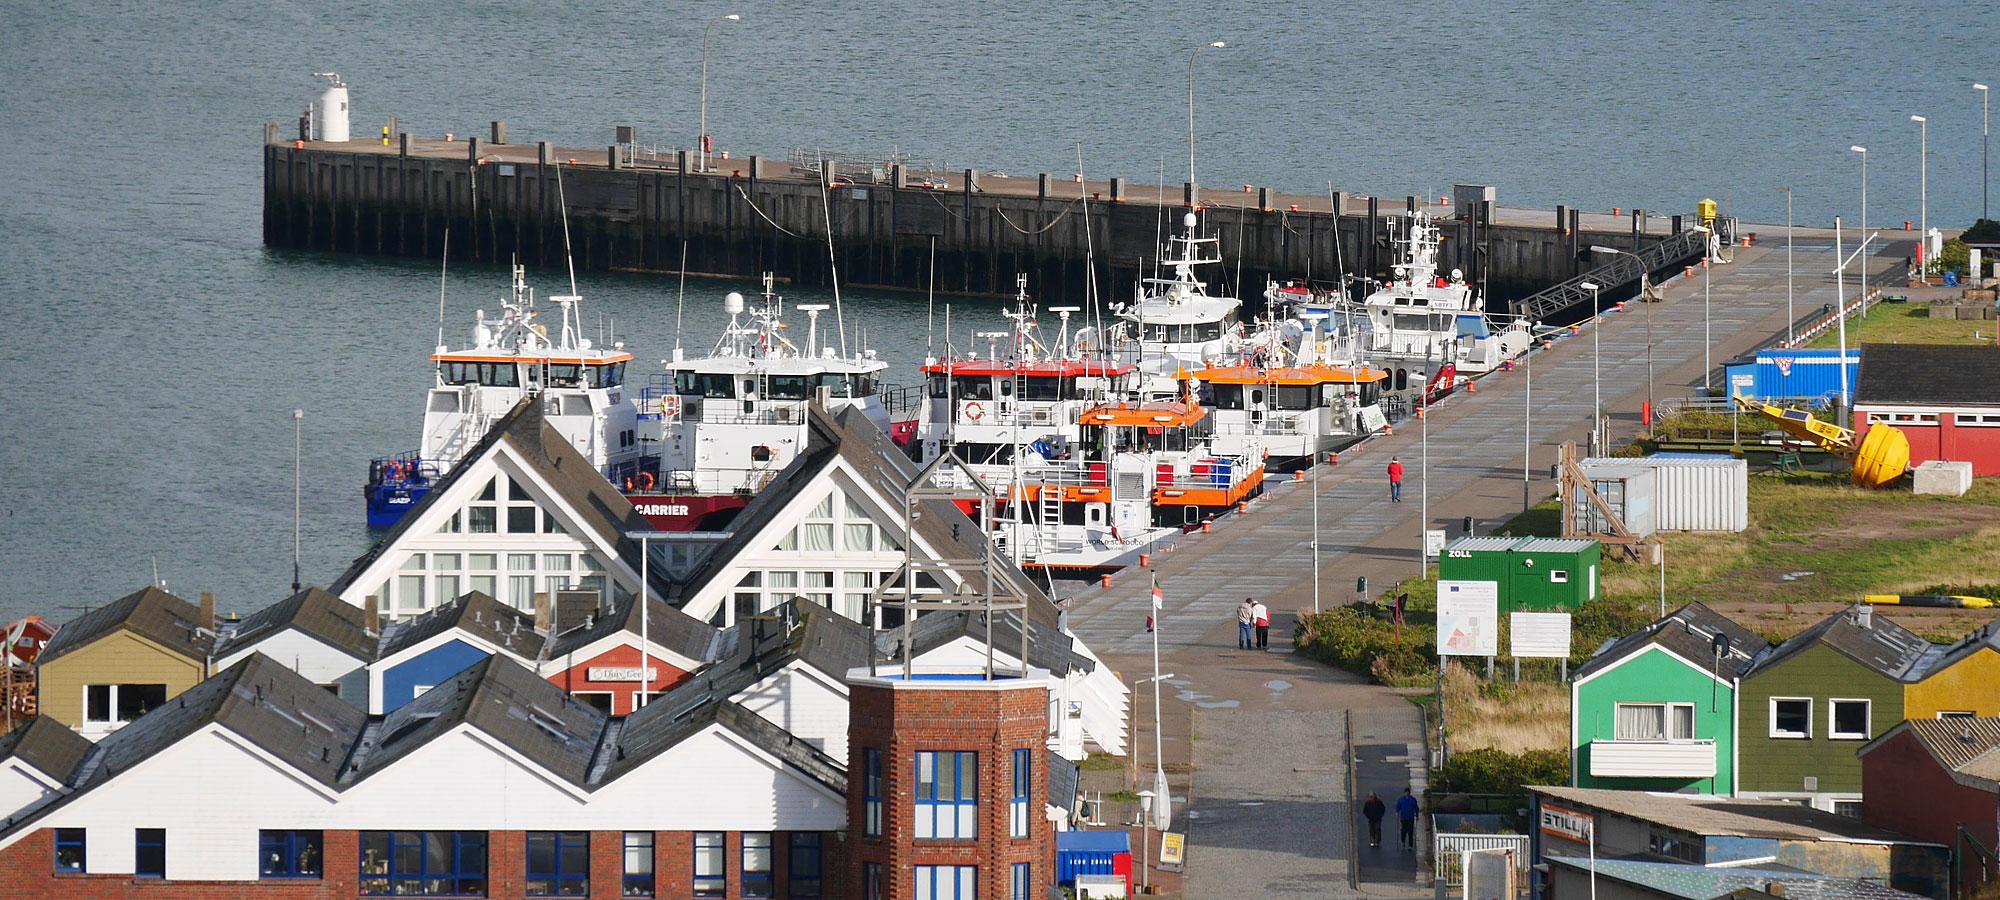 Helgoland Hafen Offshore Katamarane